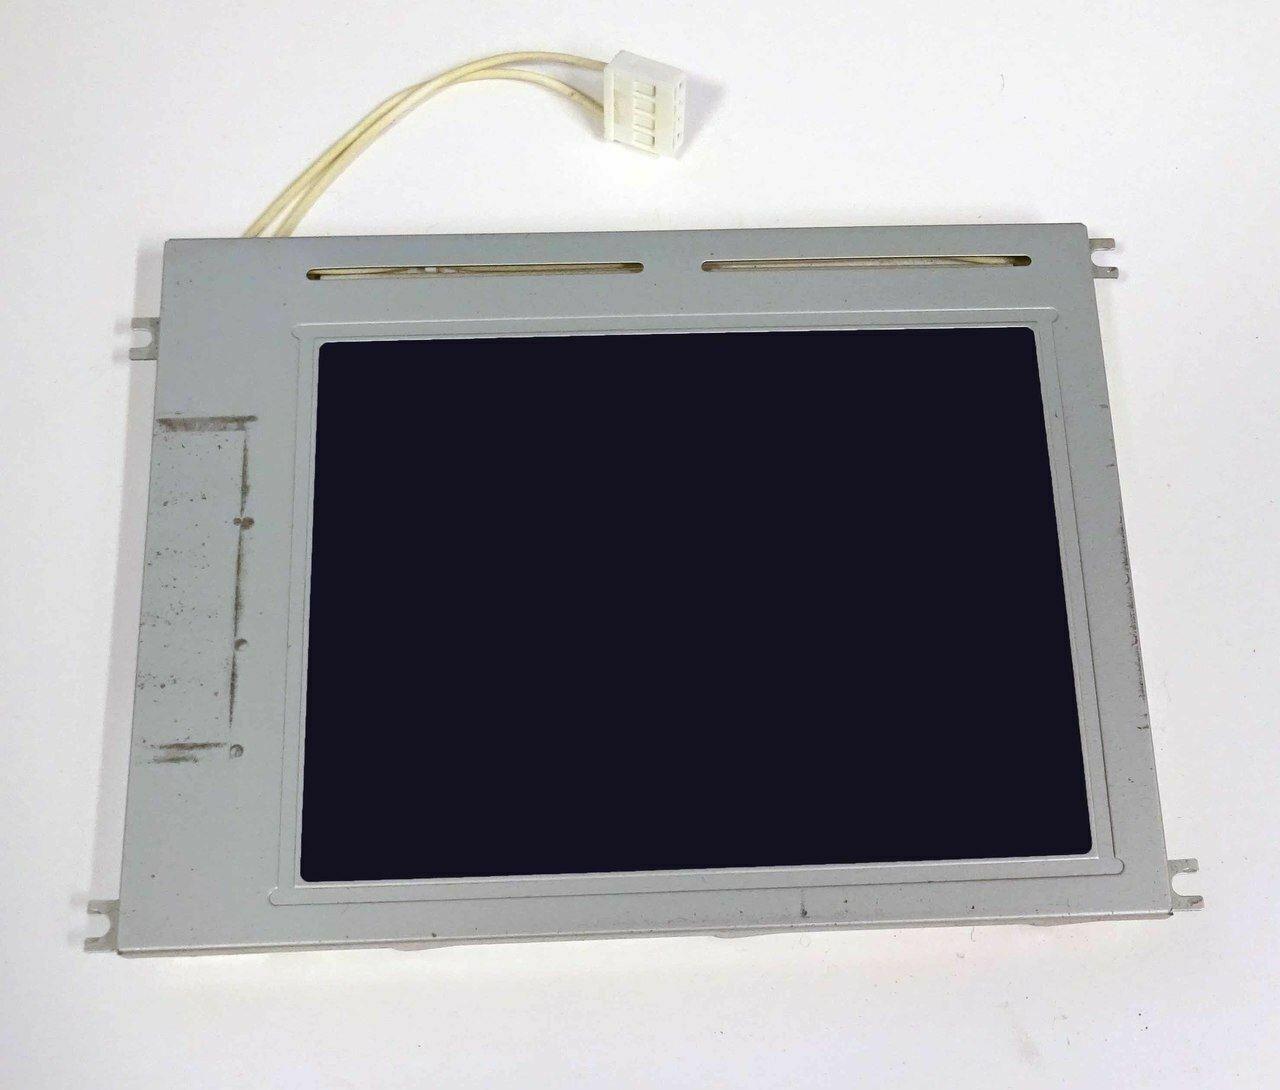 Yamaha PSR-1100 2100 LCD Display